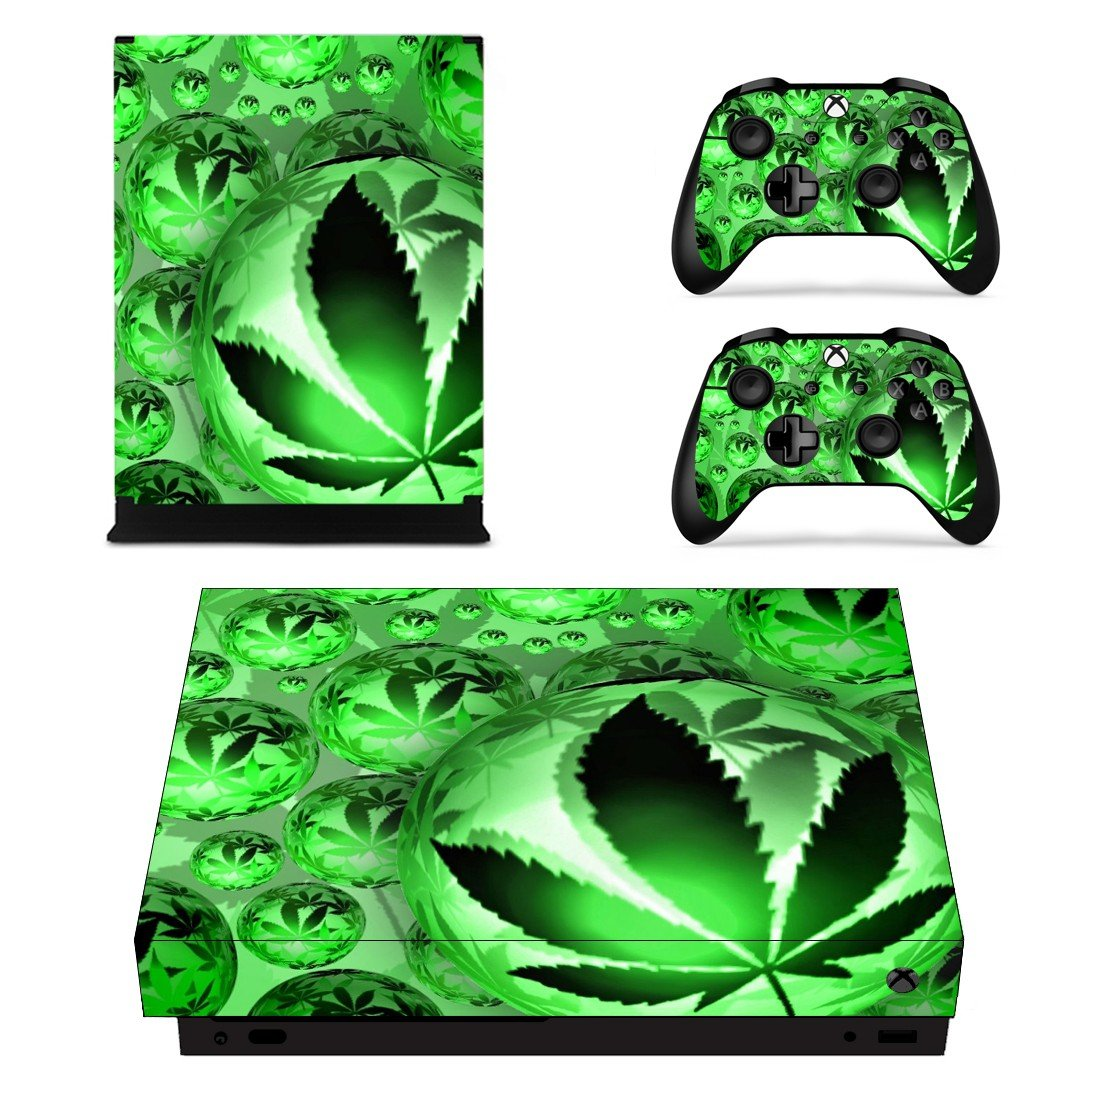 Weed Leaf xbox one X skin